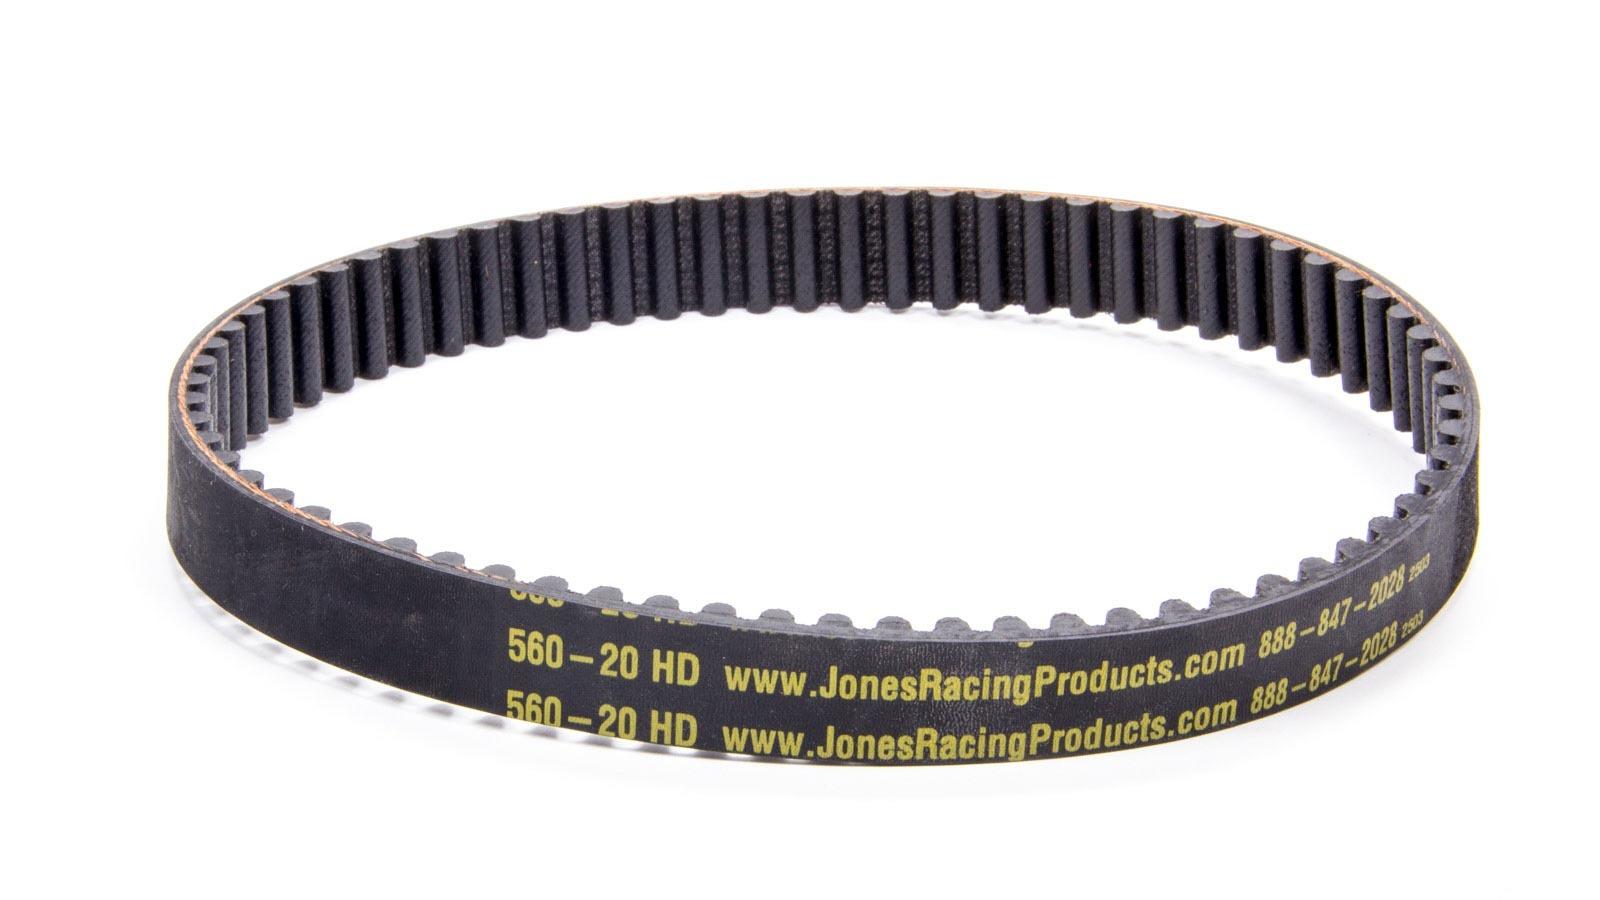 HTD Belt 26.772in Long 20mm Wide